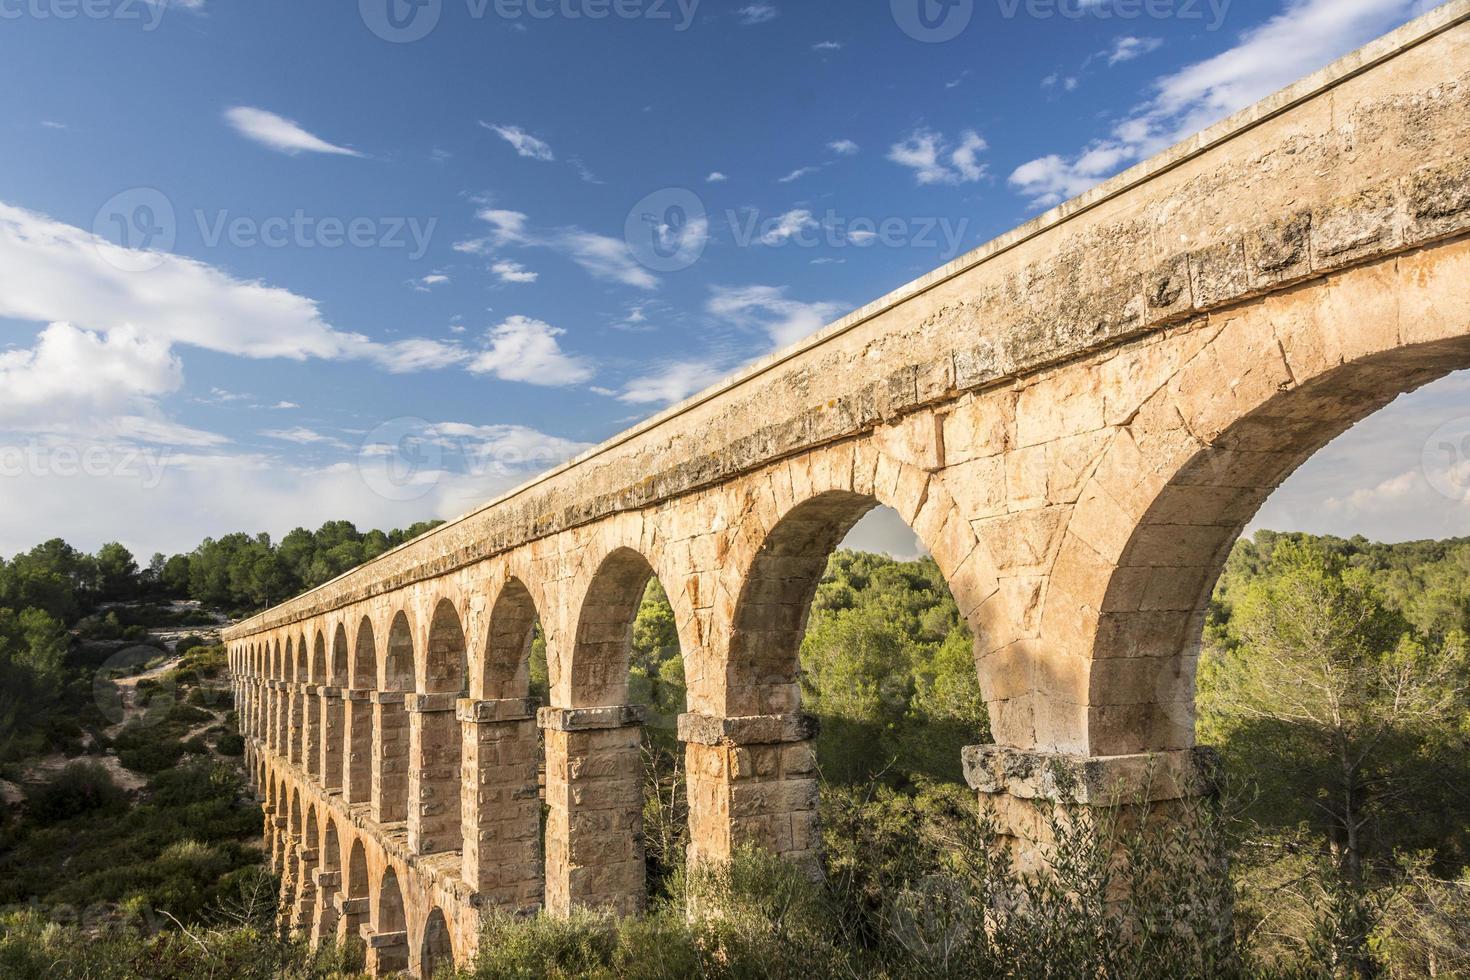 acueducto romano pont del diable en tarragona foto